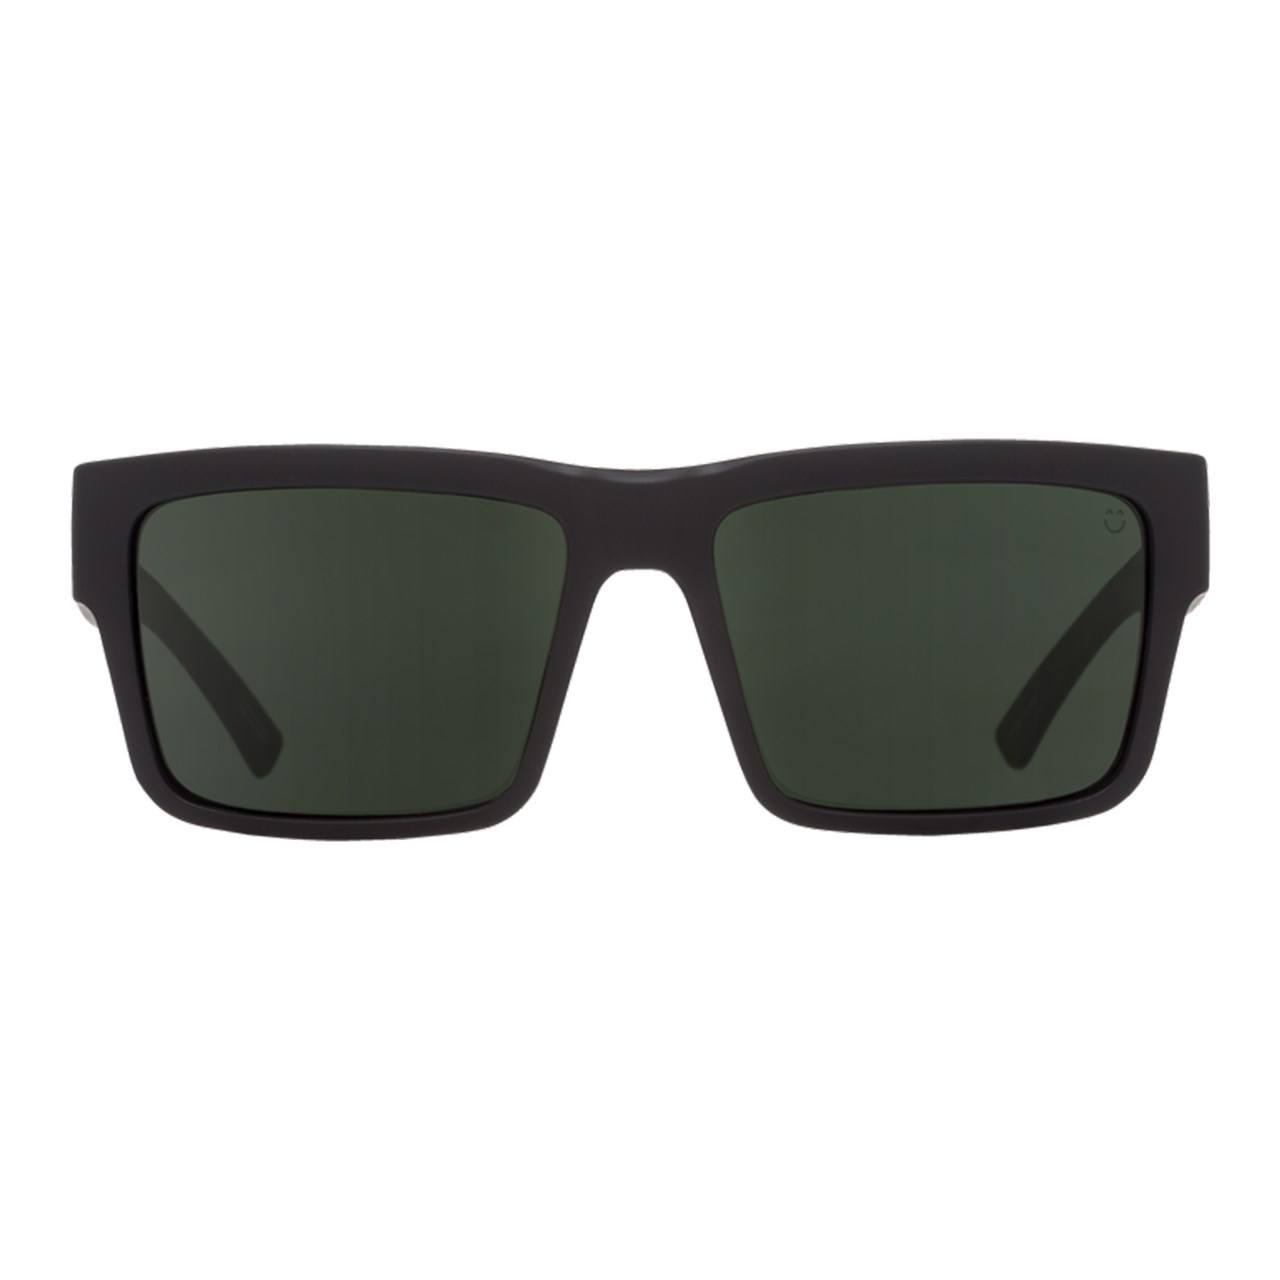 عینک آفتابی اسپای سری Montana مدل Soft Matte Black Happy Gray Green Polar -  - 1